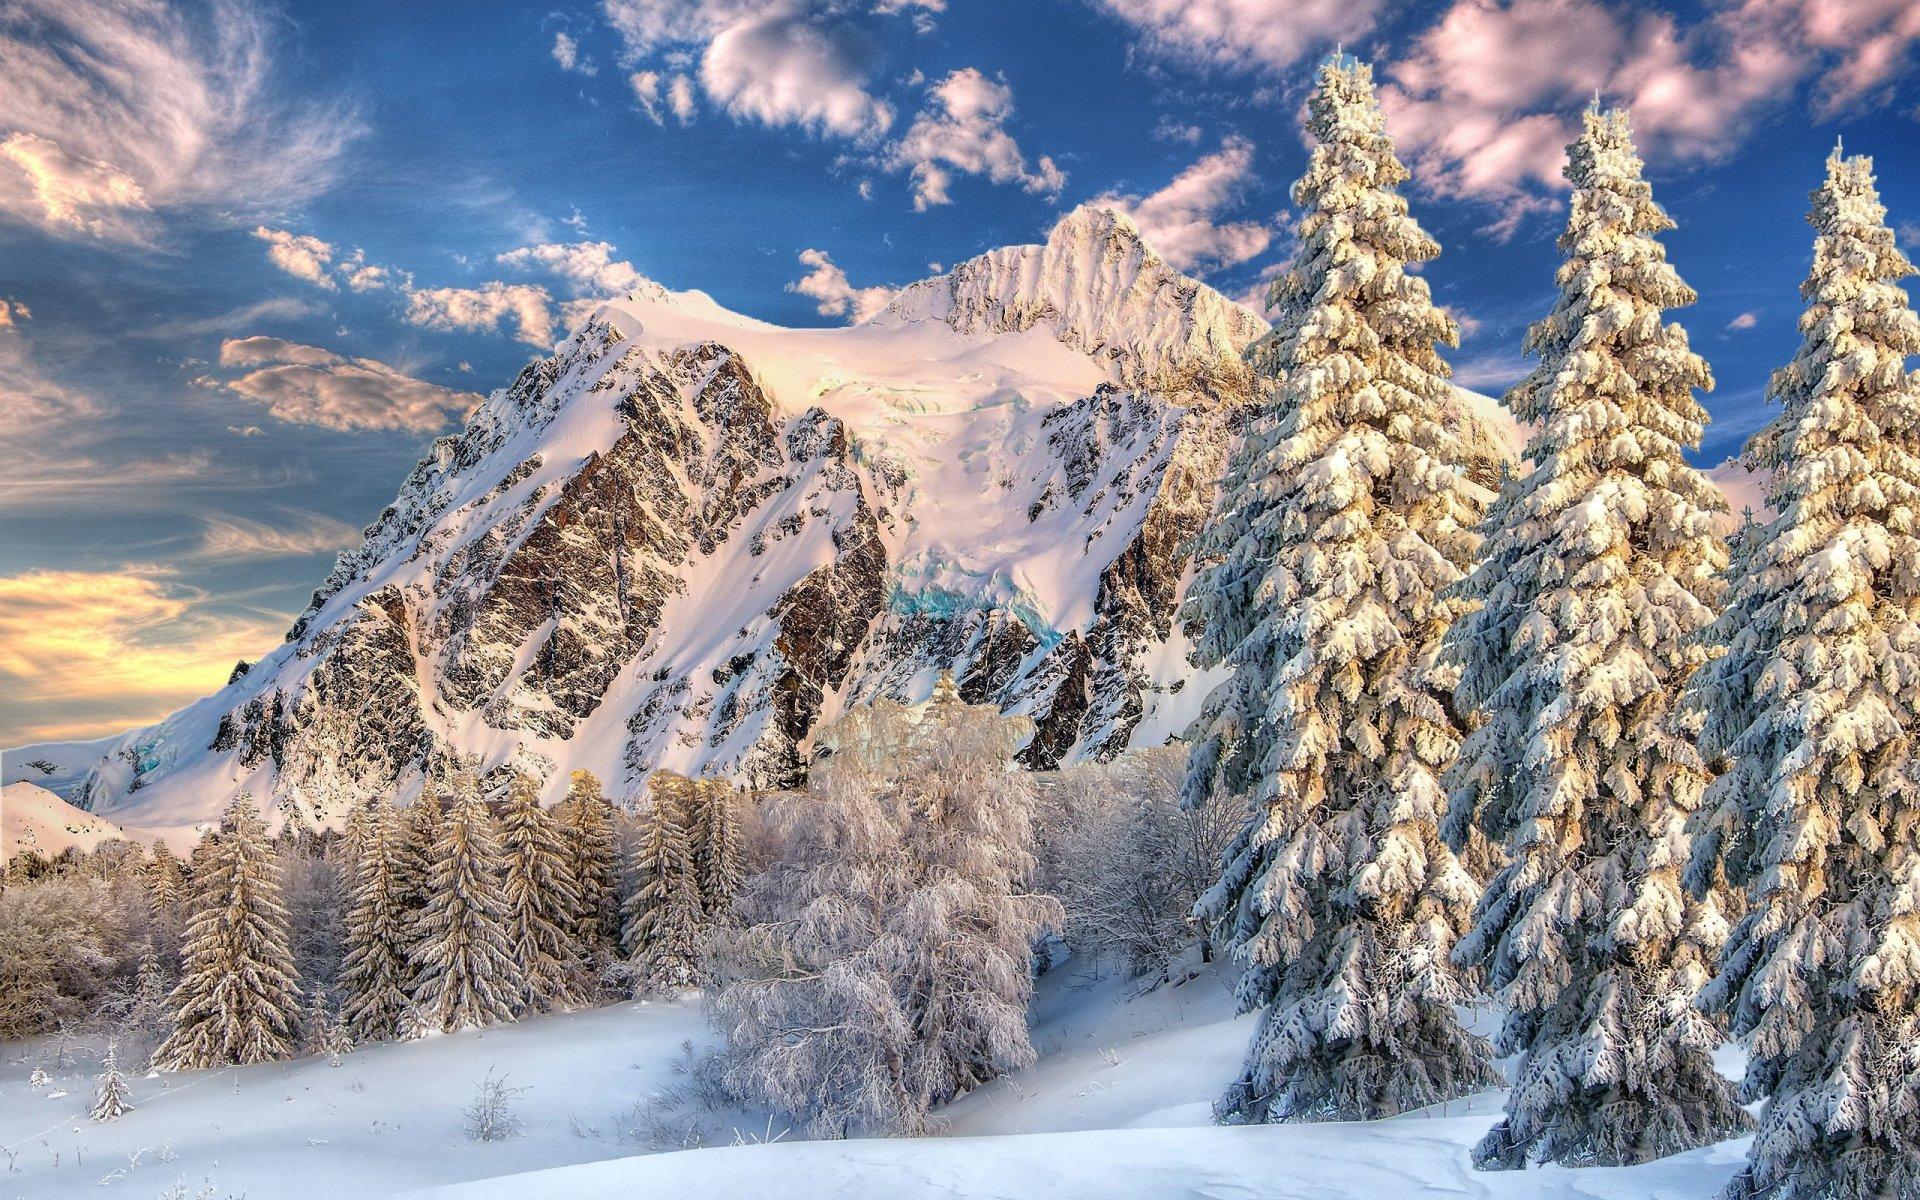 фотографий зимний пейзаж фото высокого разрешения берландиеру компании космидиумом